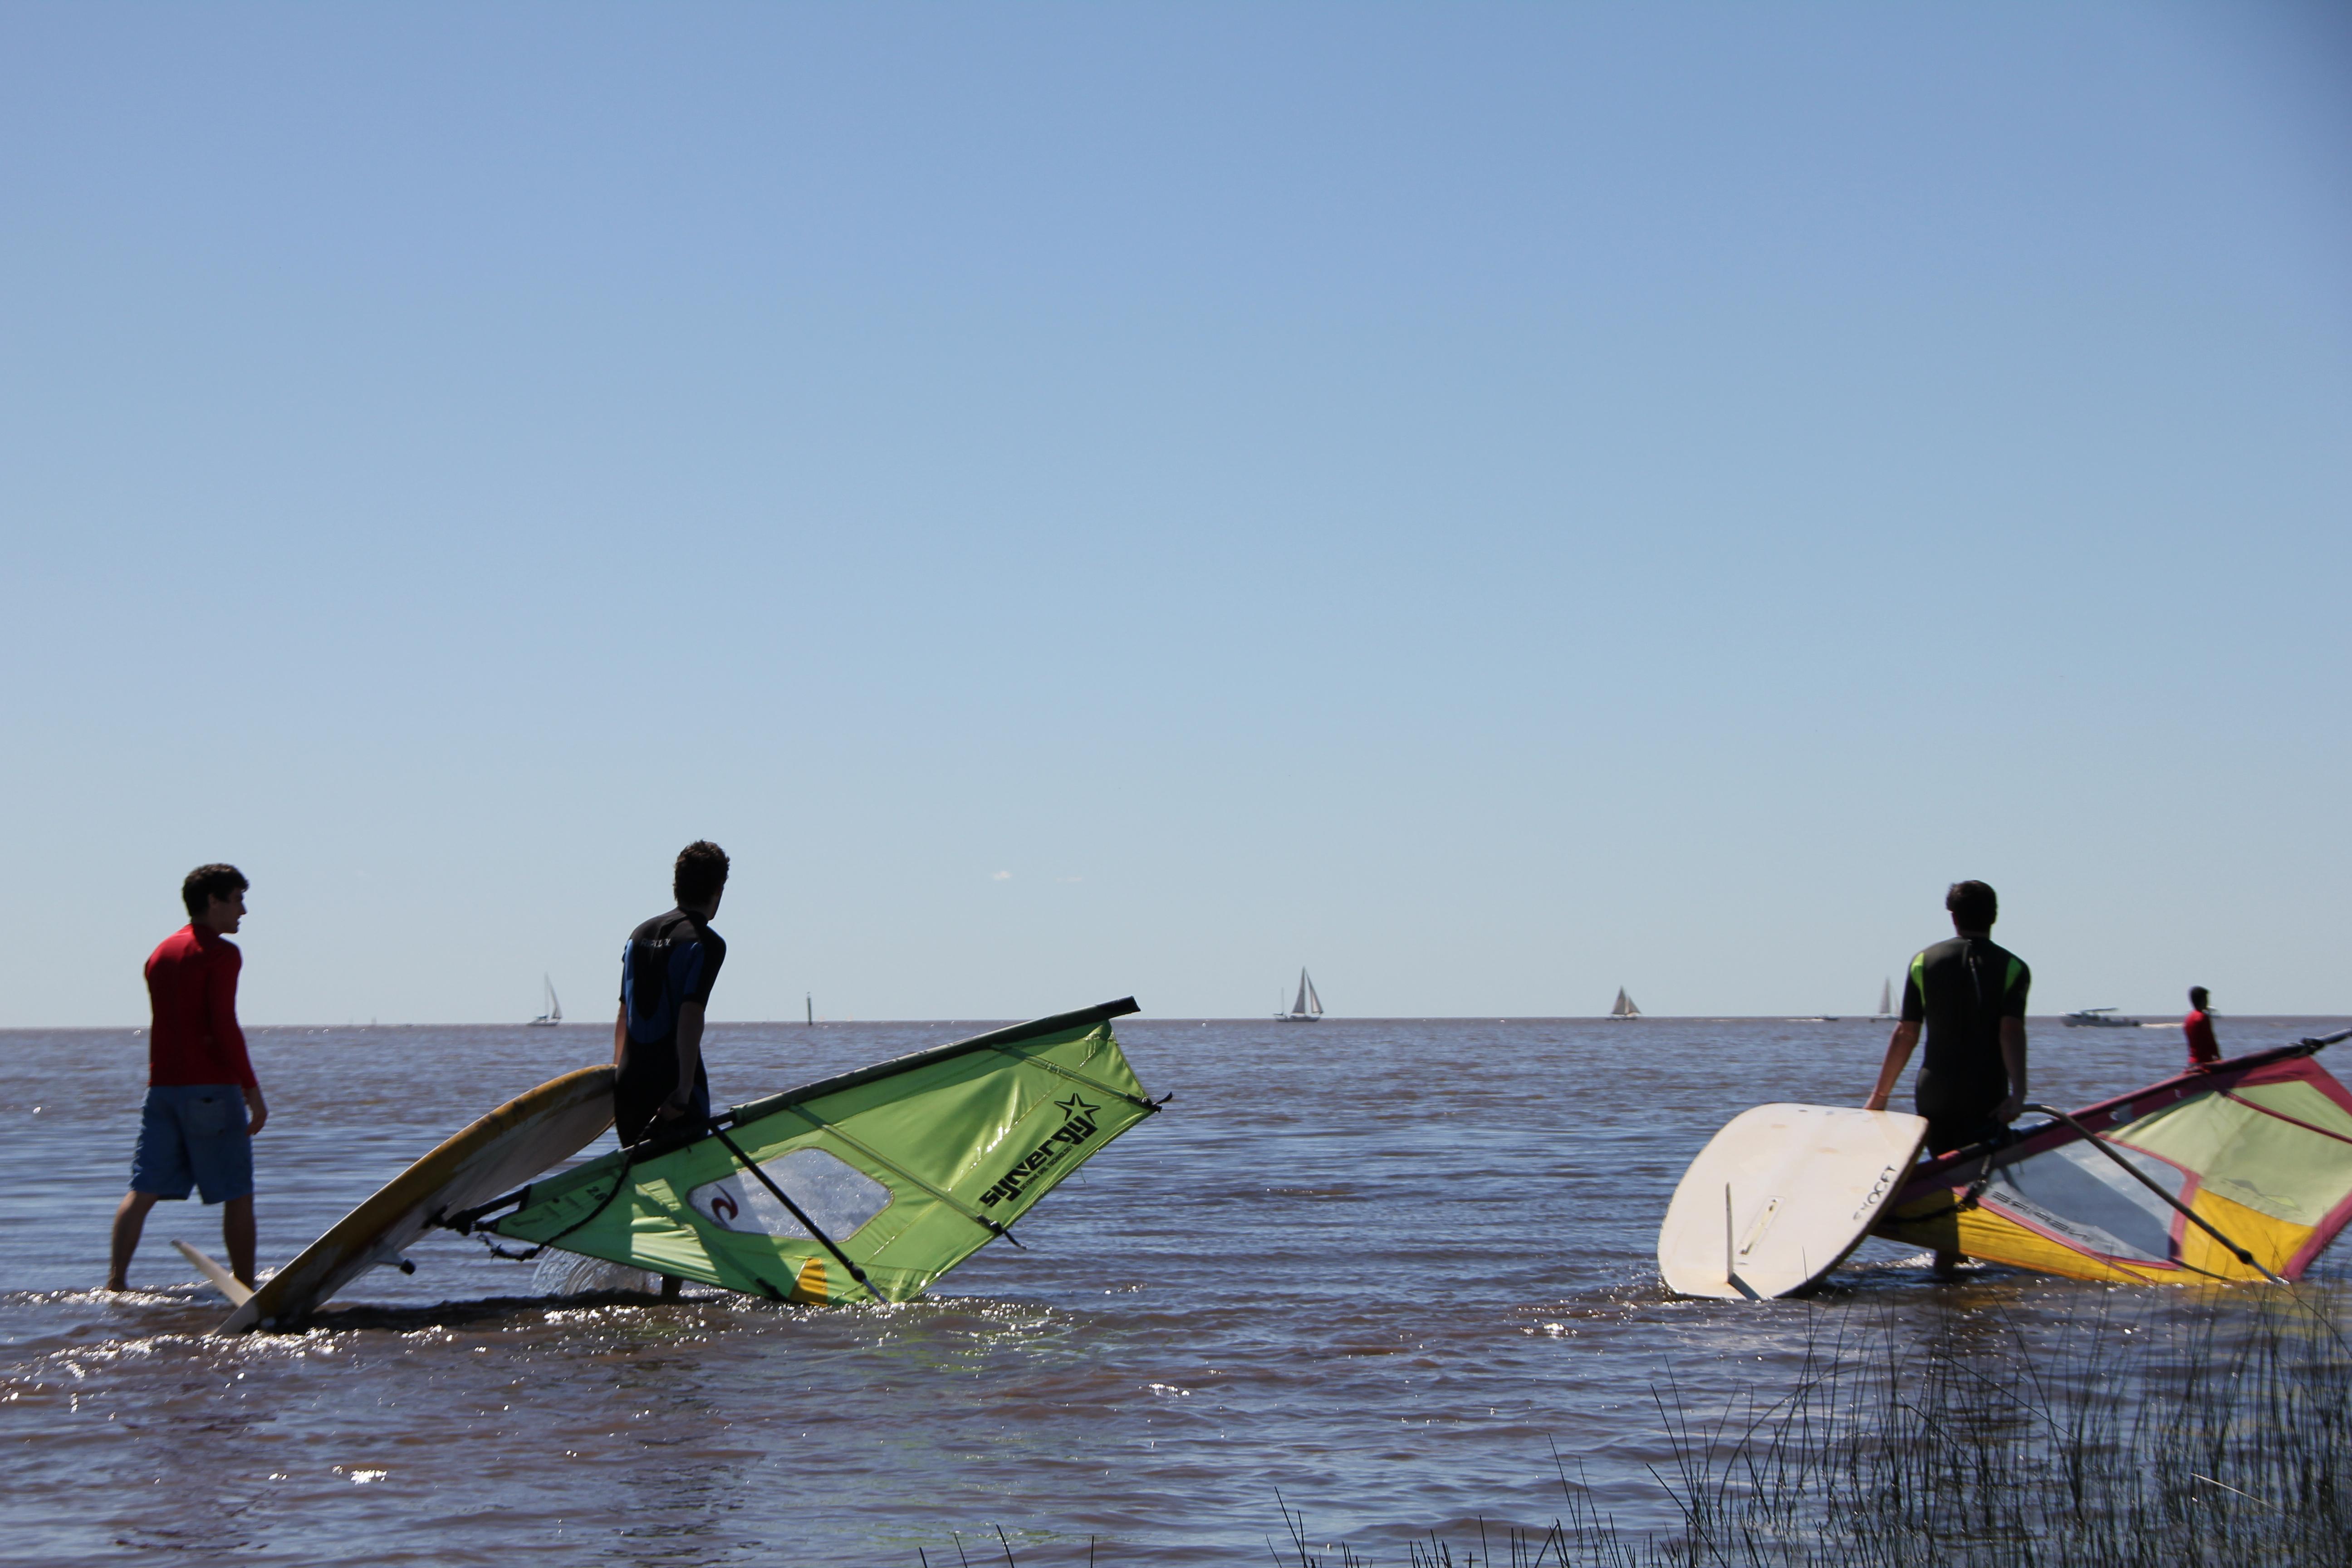 windsurfpic3